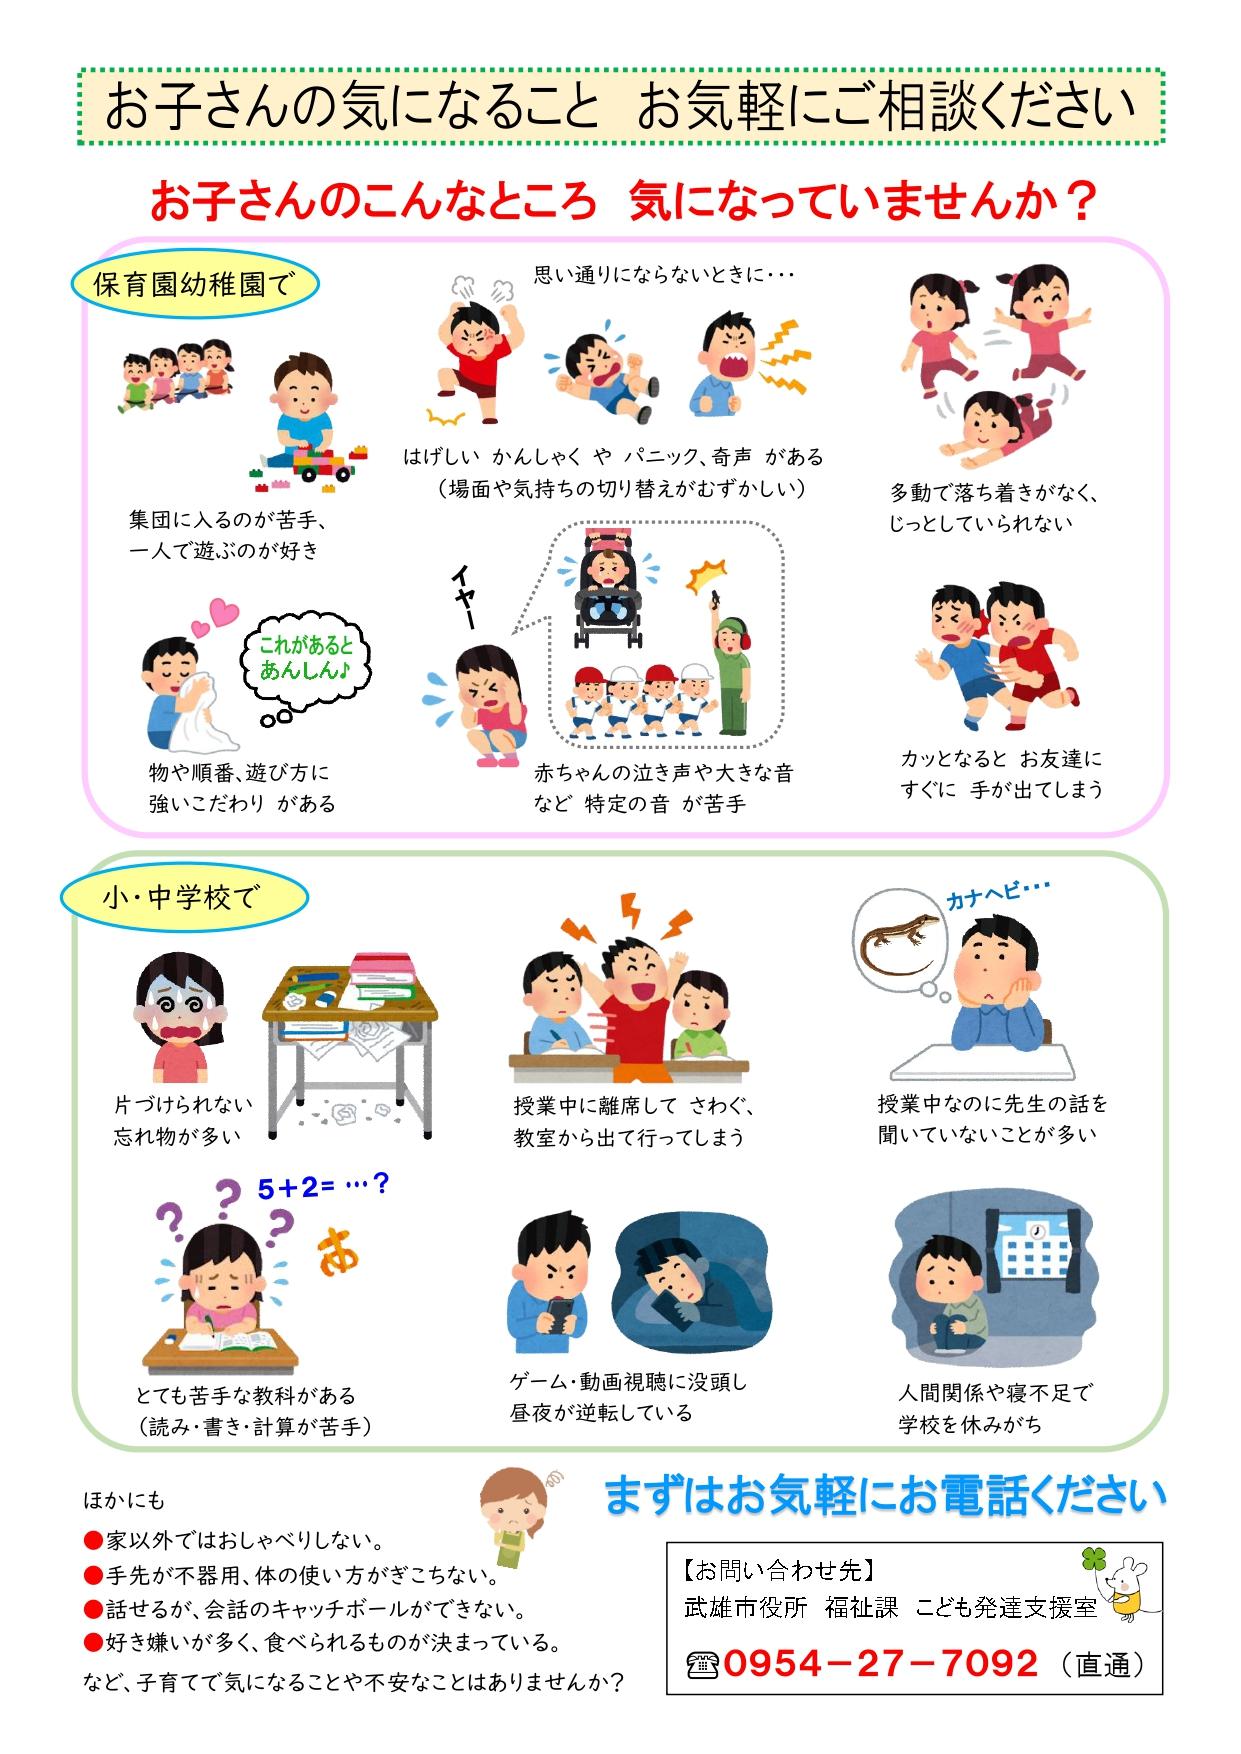 新入学者説明会用チラシ_page-0001 (1).jpg